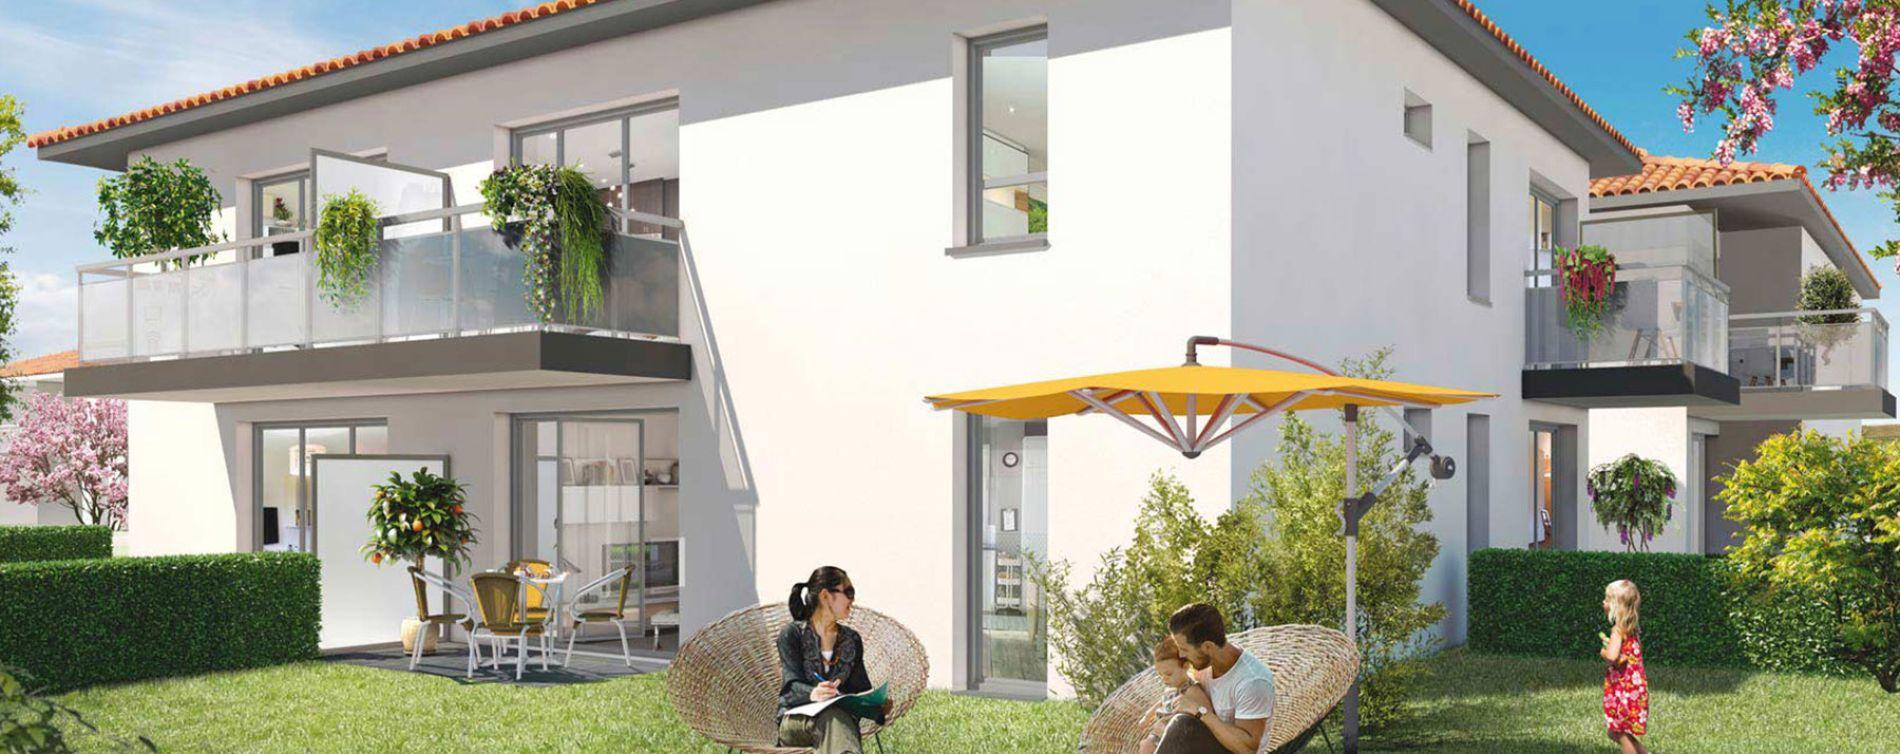 Toulouse : programme immobilier neuve « Closerie Saint-Simon » (2)